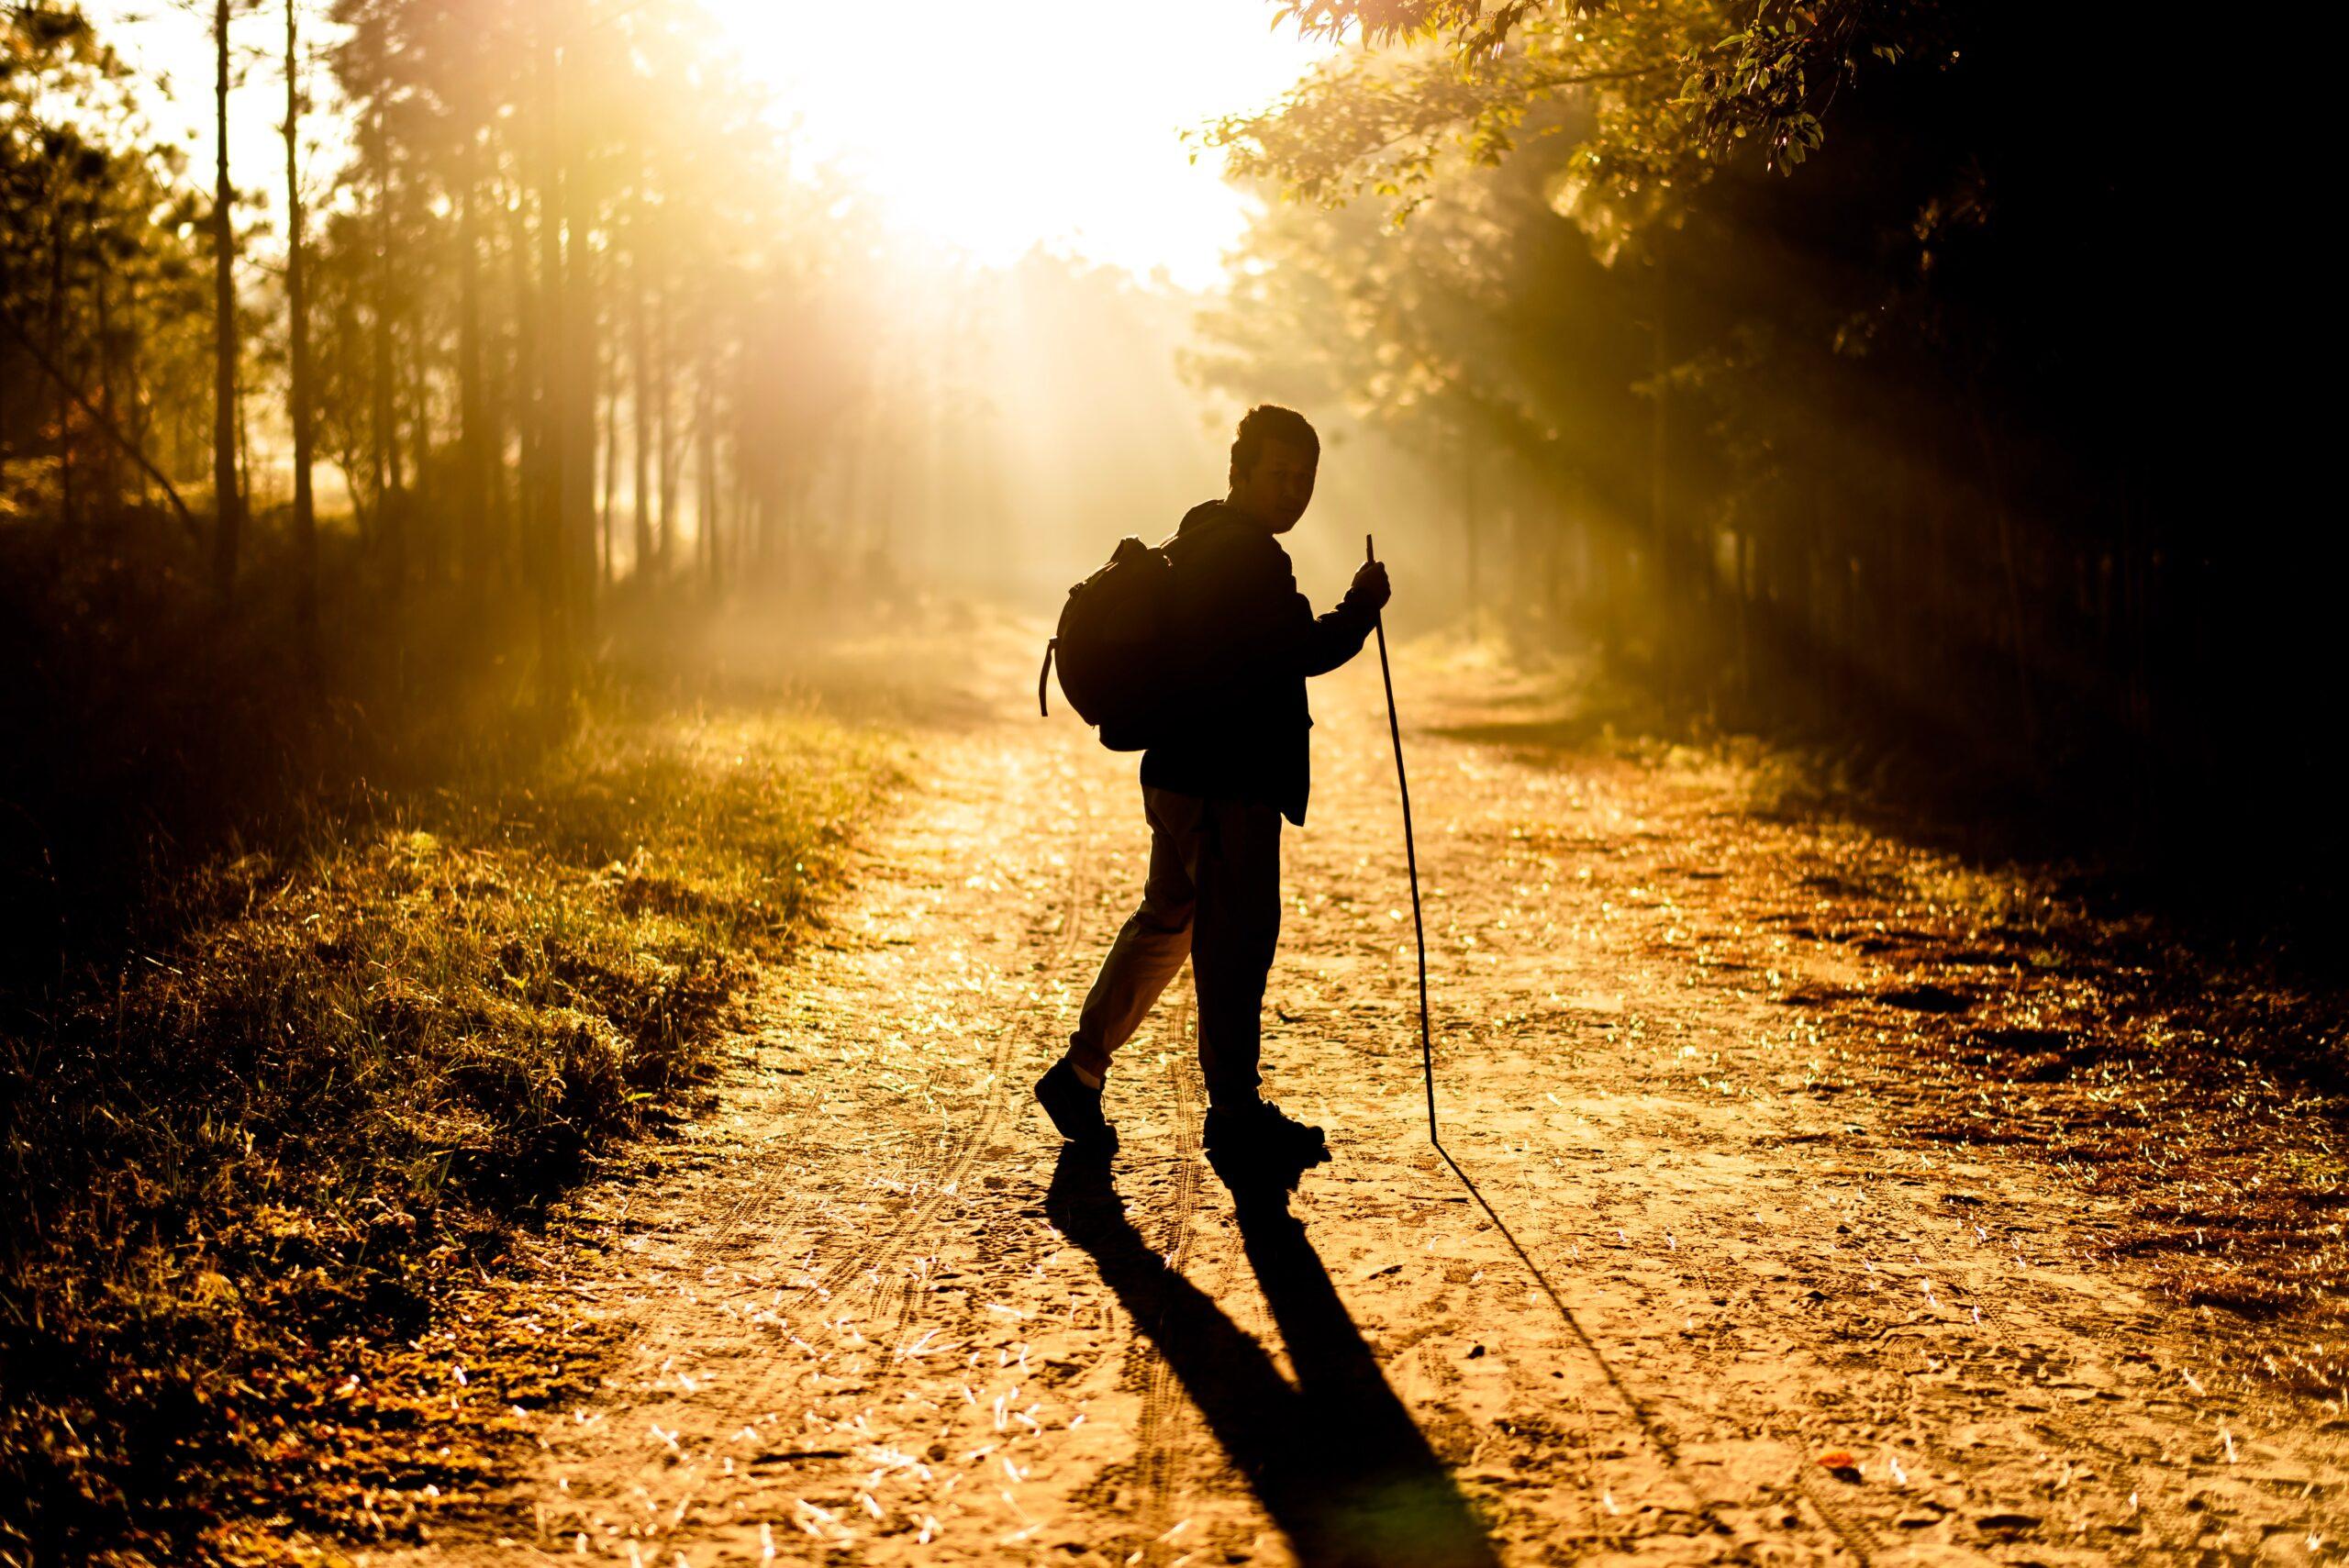 Κύρια φωτογραφία για το άρθρο: Πεζοπορία, 4 παράγοντες που την καθιστούν την πιο εύκολη και ιδανική μορφή άσκησης!